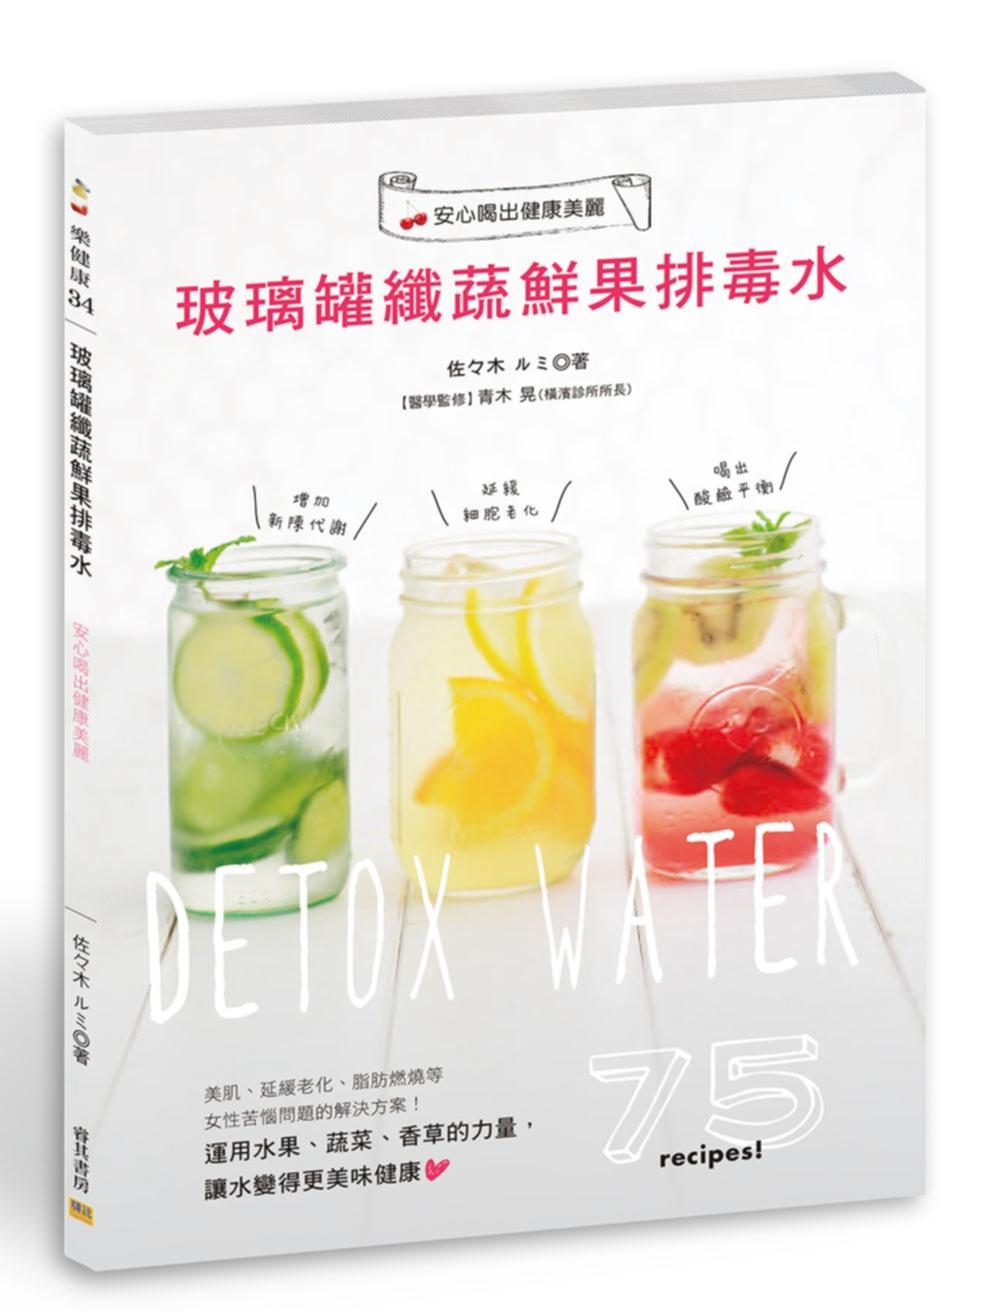 玻璃罐纖蔬鮮果排毒水:純天然維他命水,安心喝出健康美麗